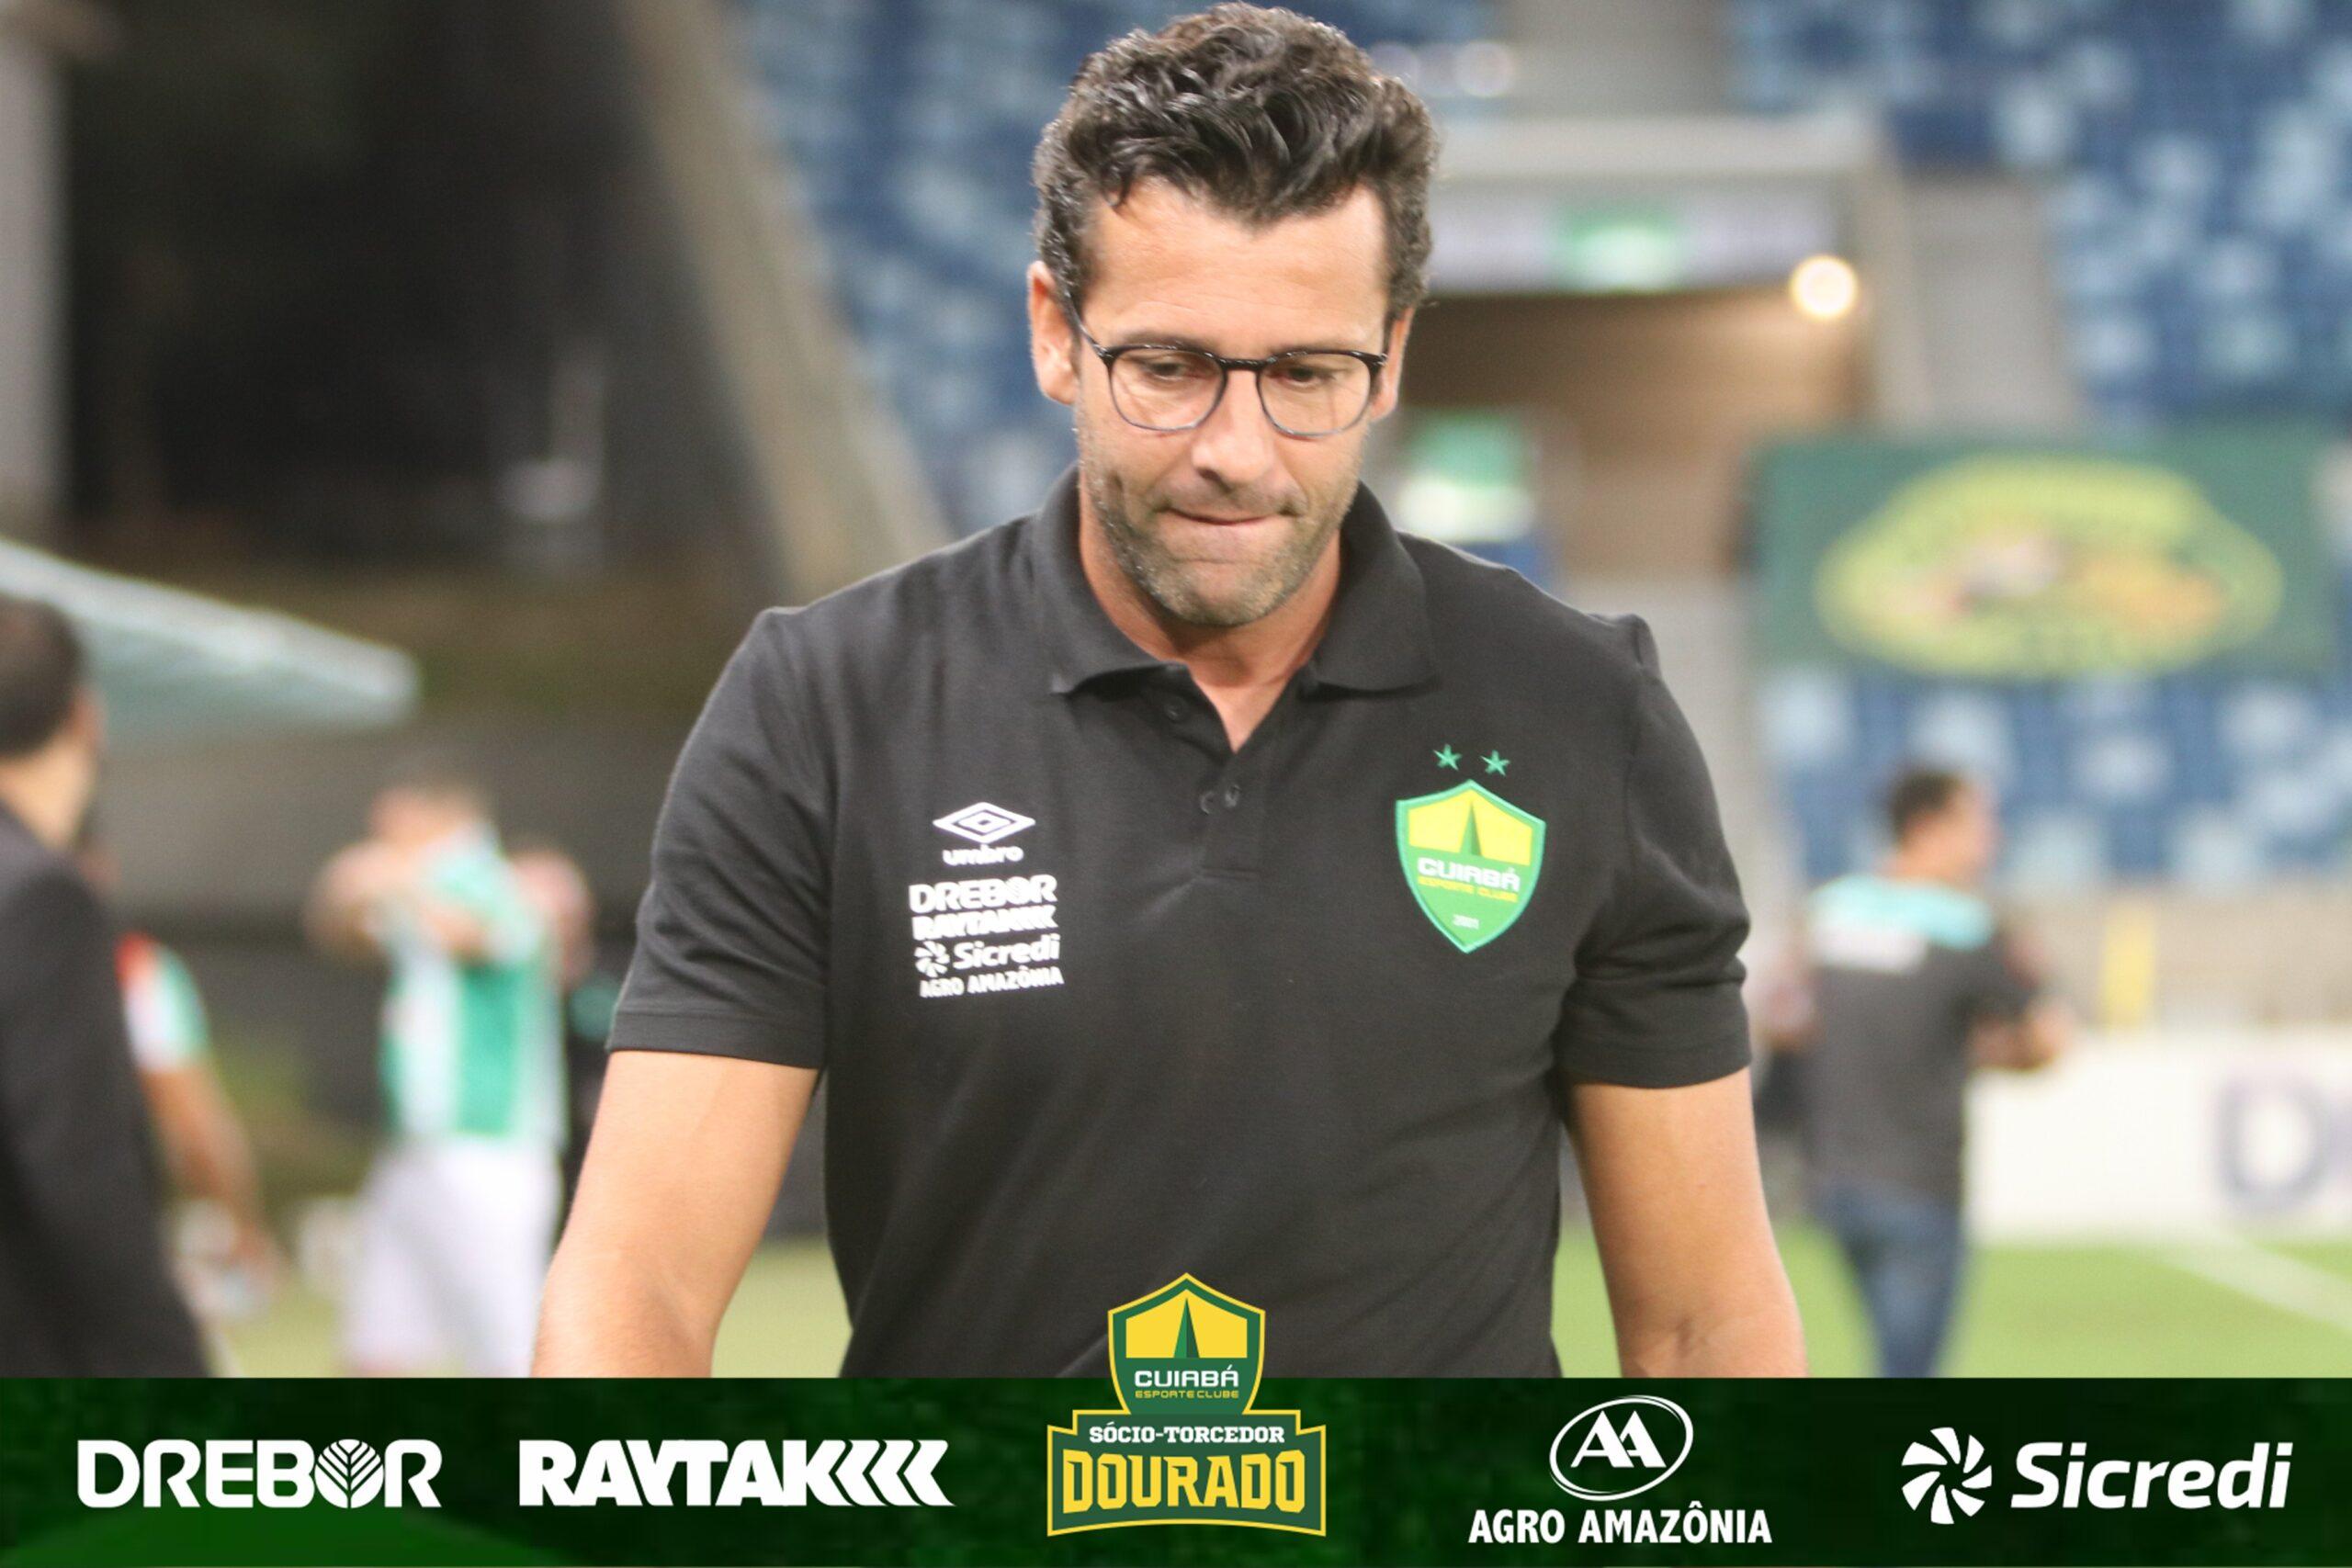 Caiu o primeiro treinador no Campeonato Brasileiro